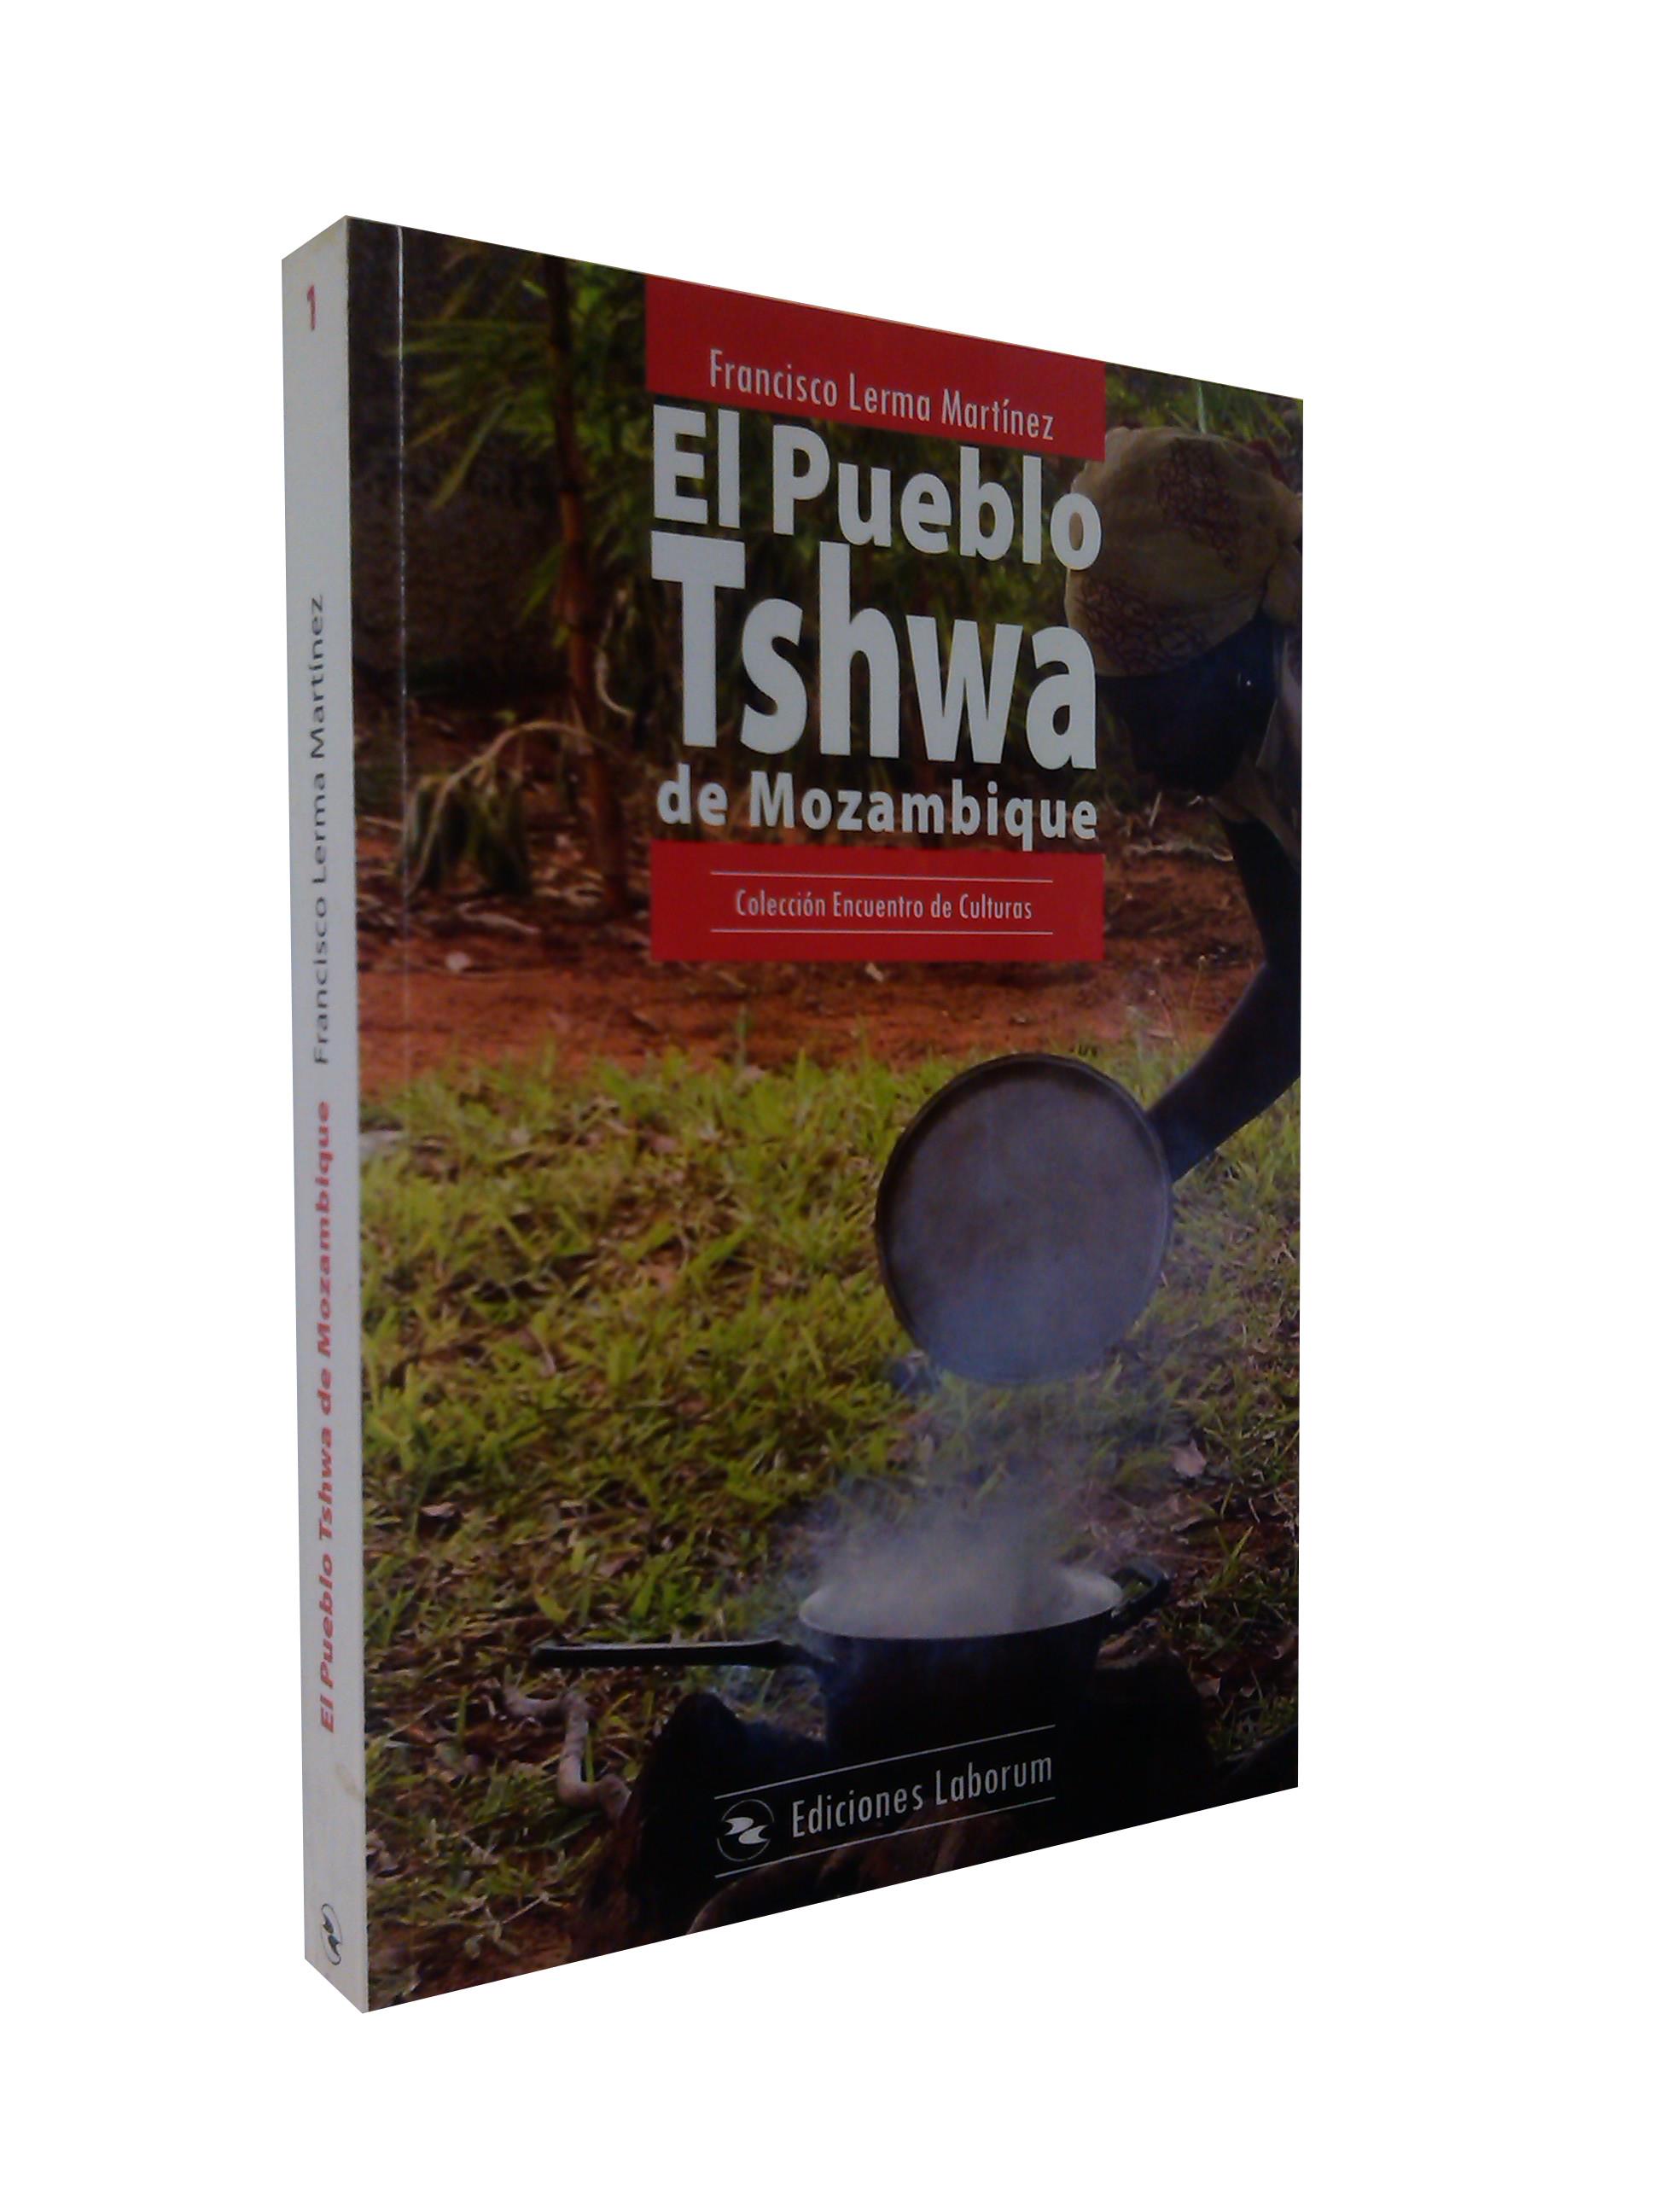 El Pueblo Tshwa de Mozambique